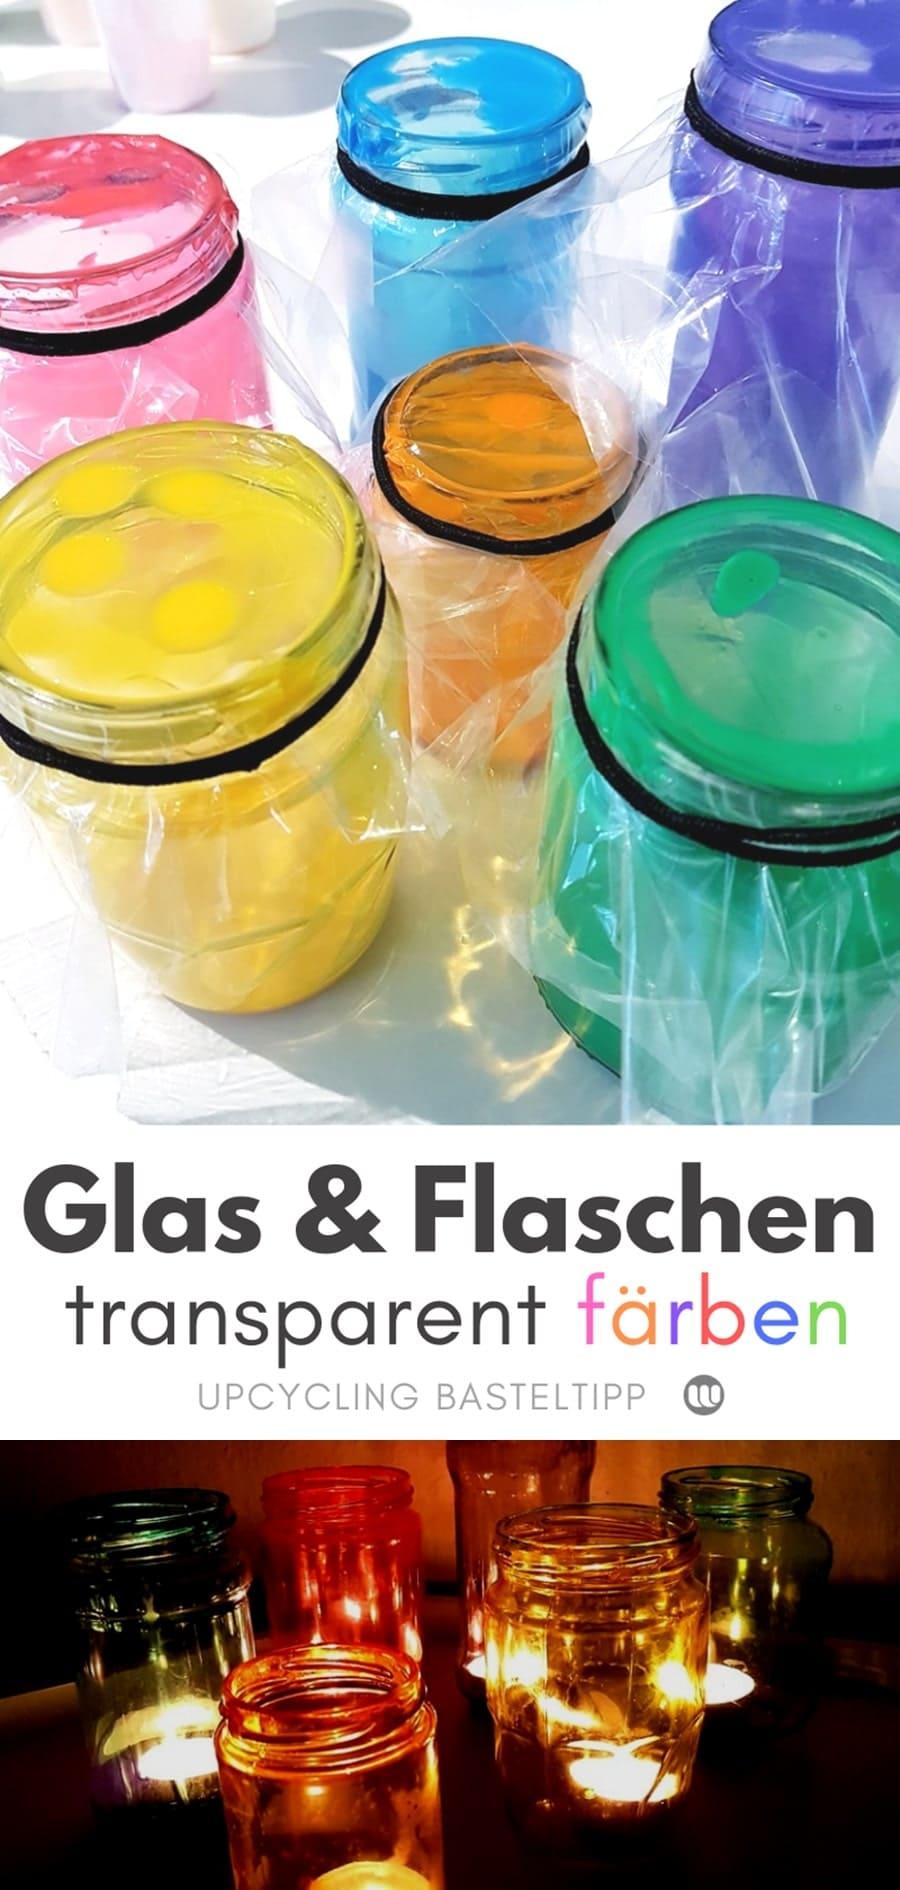 Glas & Flaschen transparent färben mit Lebensmittelfarbe: Upcycling Bastelanleitung zum Gläser färben